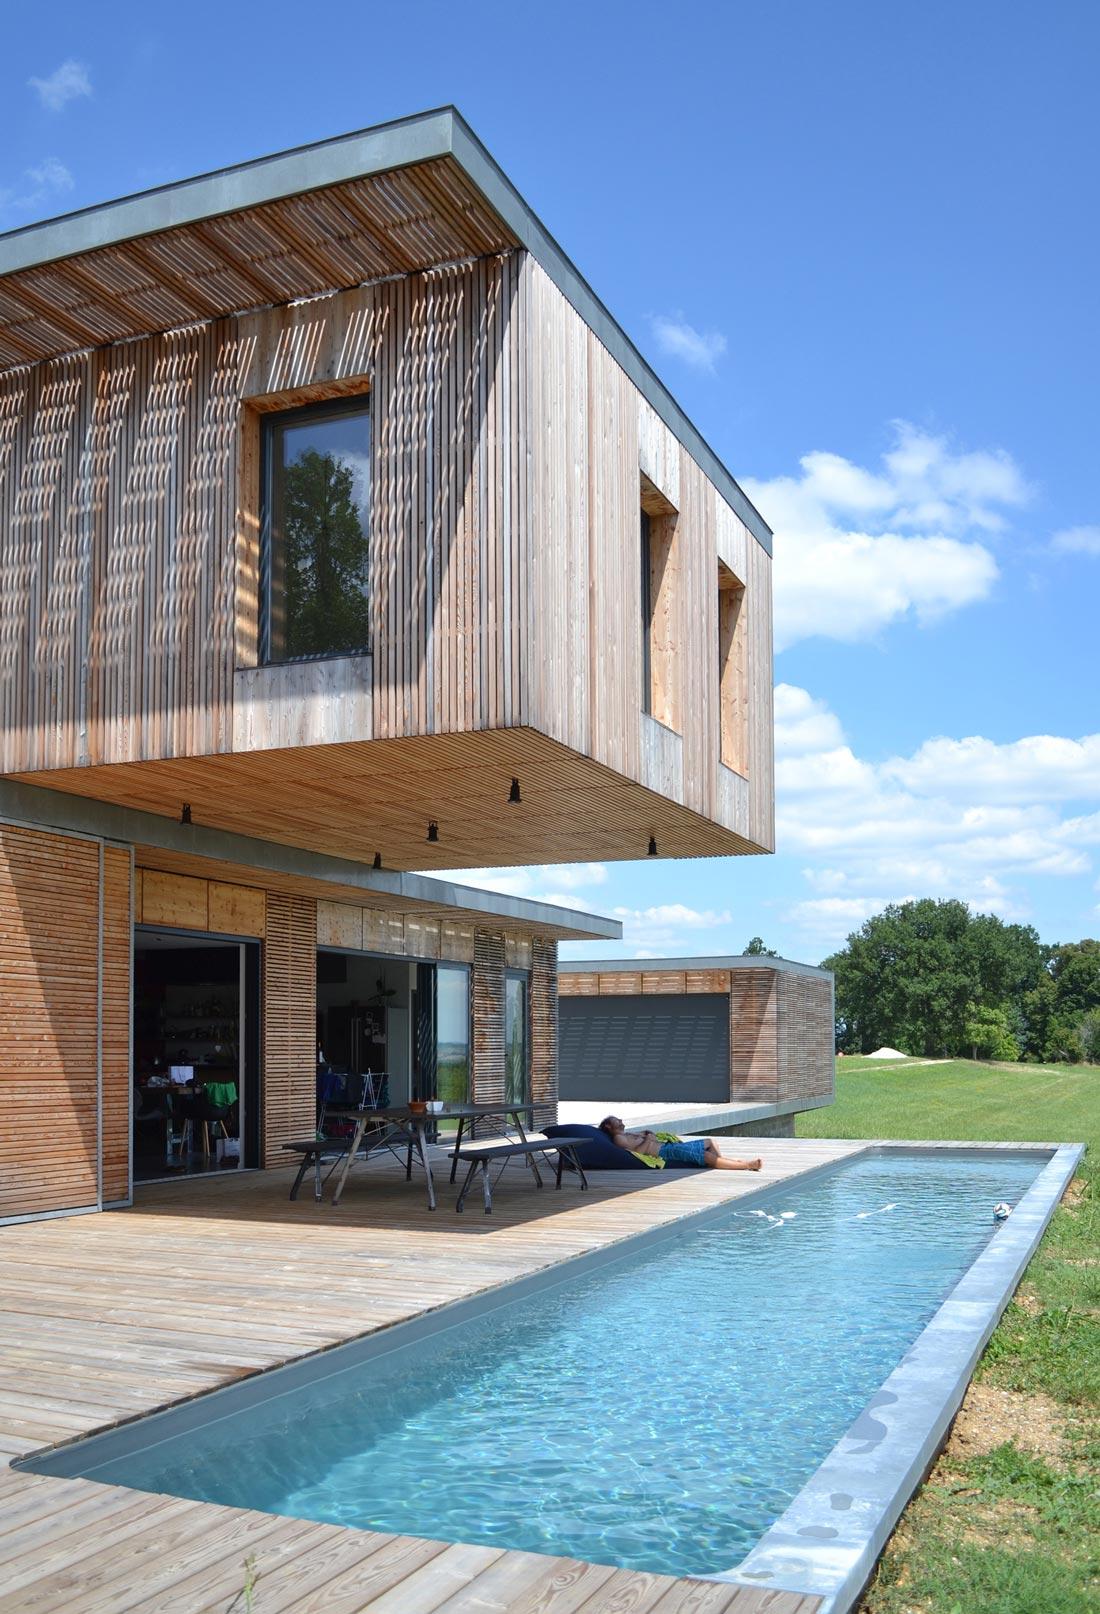 Maison d'architecte avec piscine et terrasse